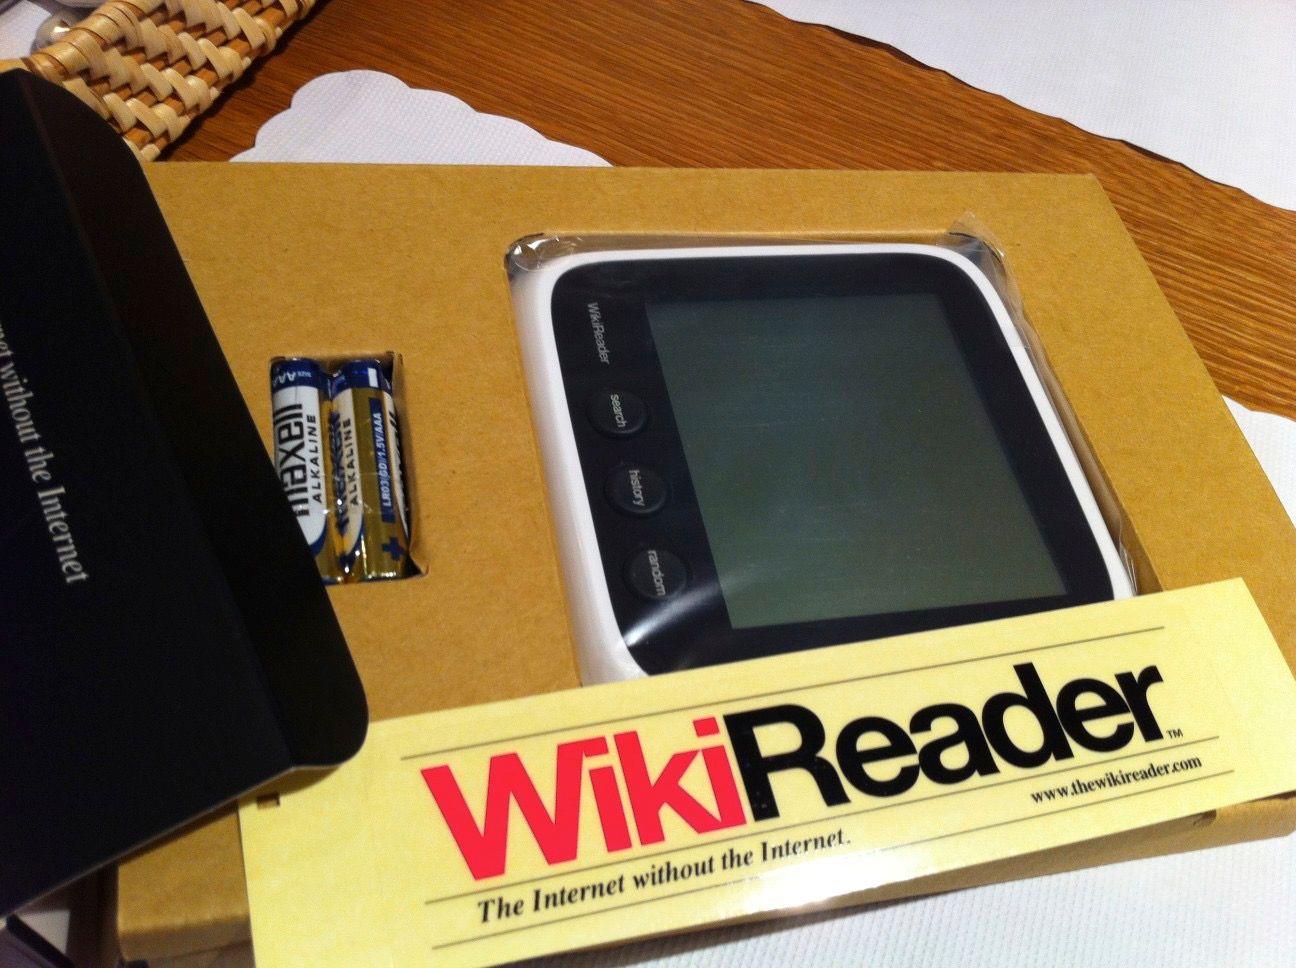 The WikiReader